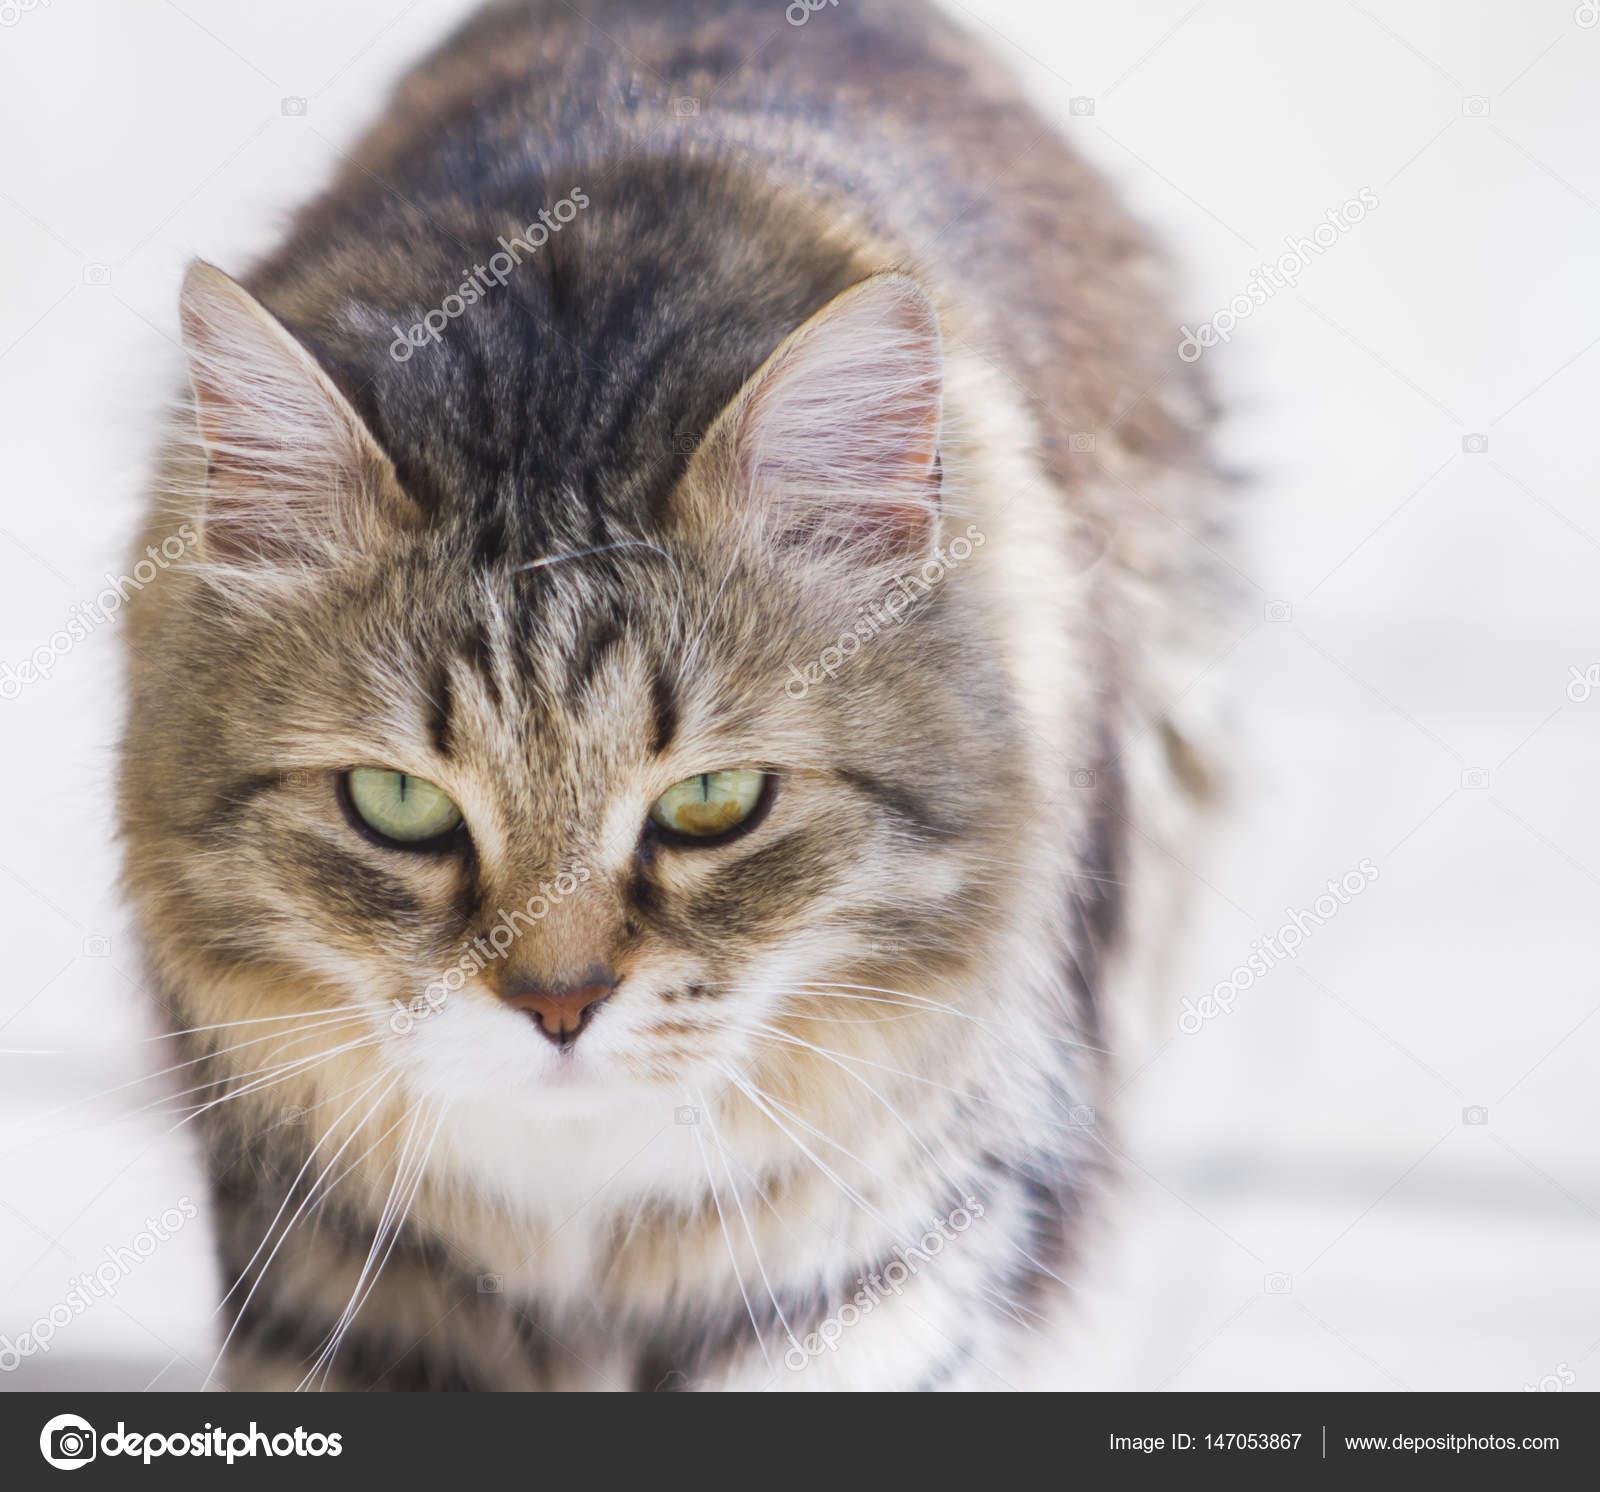 pěkně kočičí obrázky sledovat zdarma černé velké kořist porno